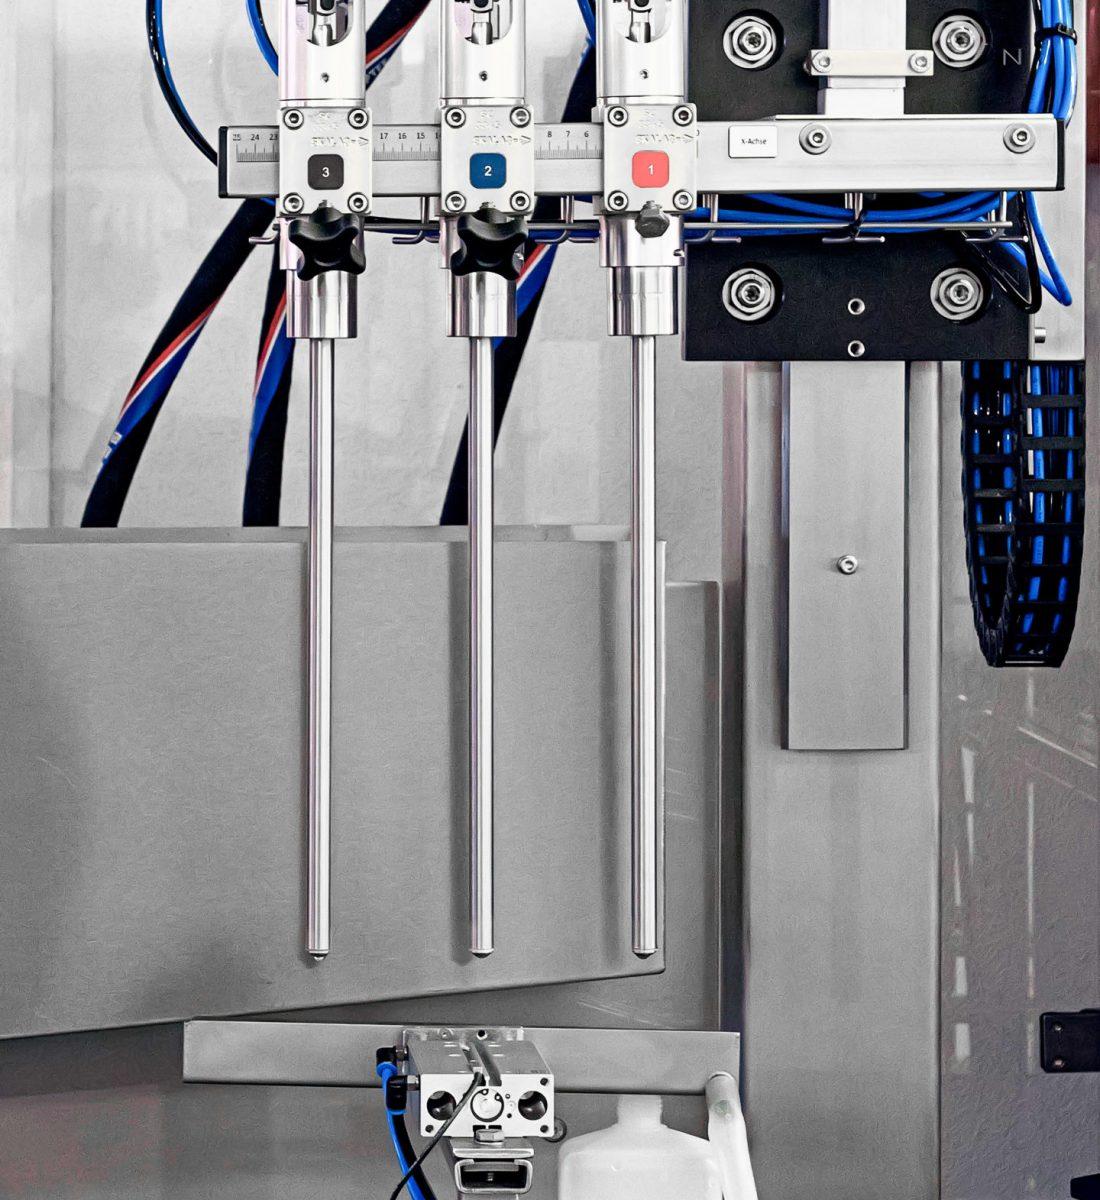 Das Füllsystem ist das funktionale Herzstück einer Abfüllanlage - F.W. Schmitt